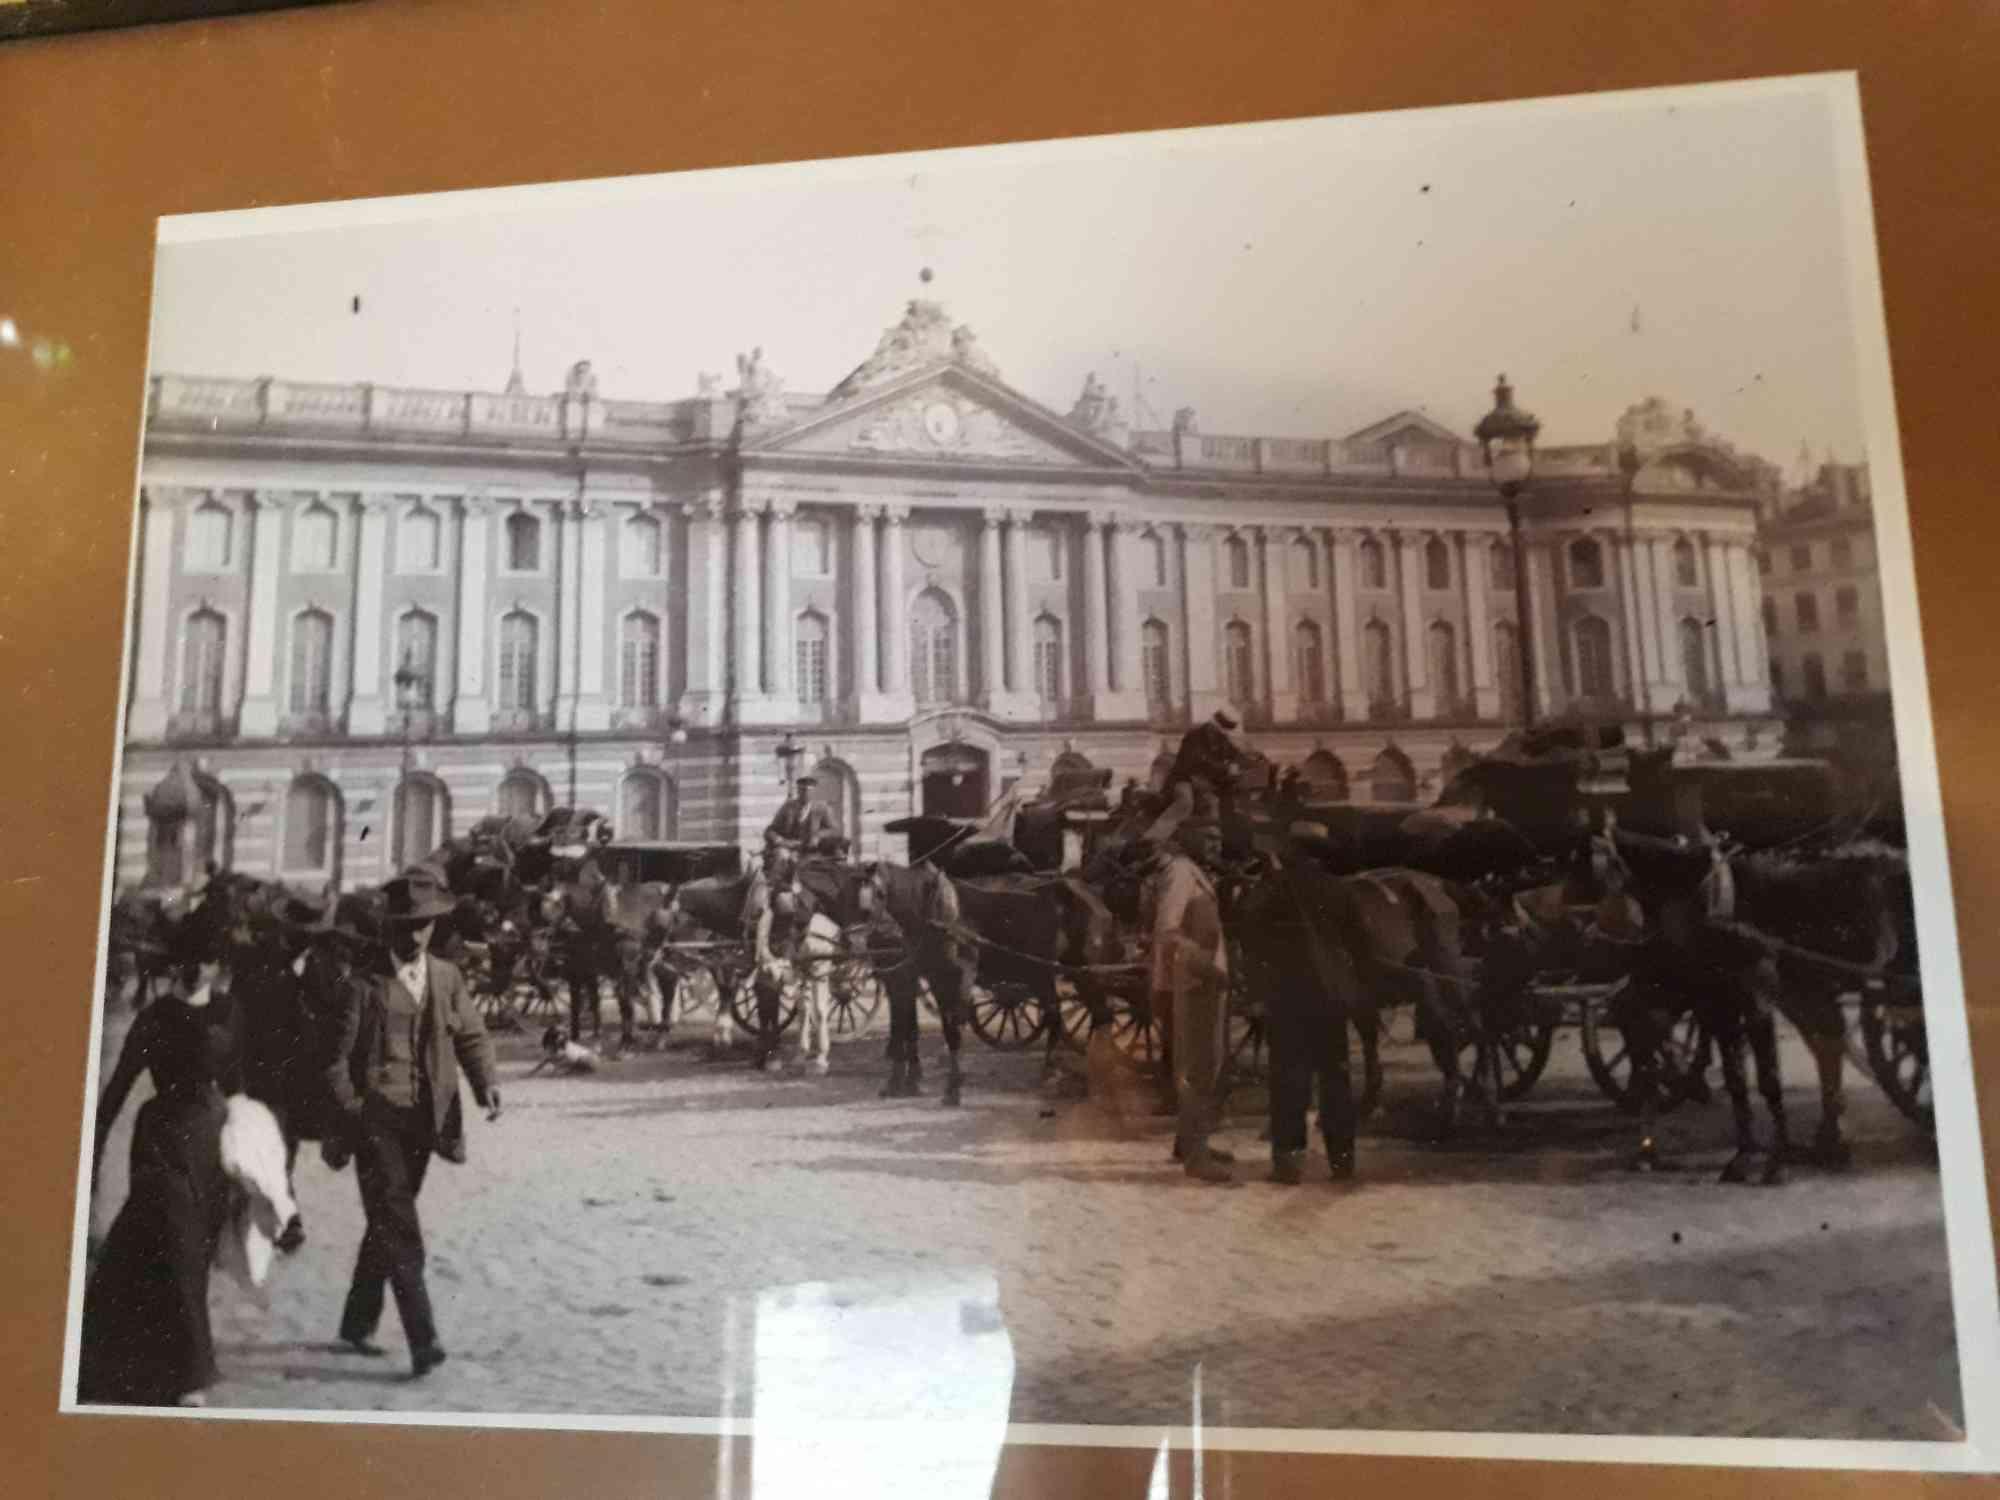 El Museo Vieux Toulouse no puede faltar en una lista de los 13 mejores museos de la ciudad